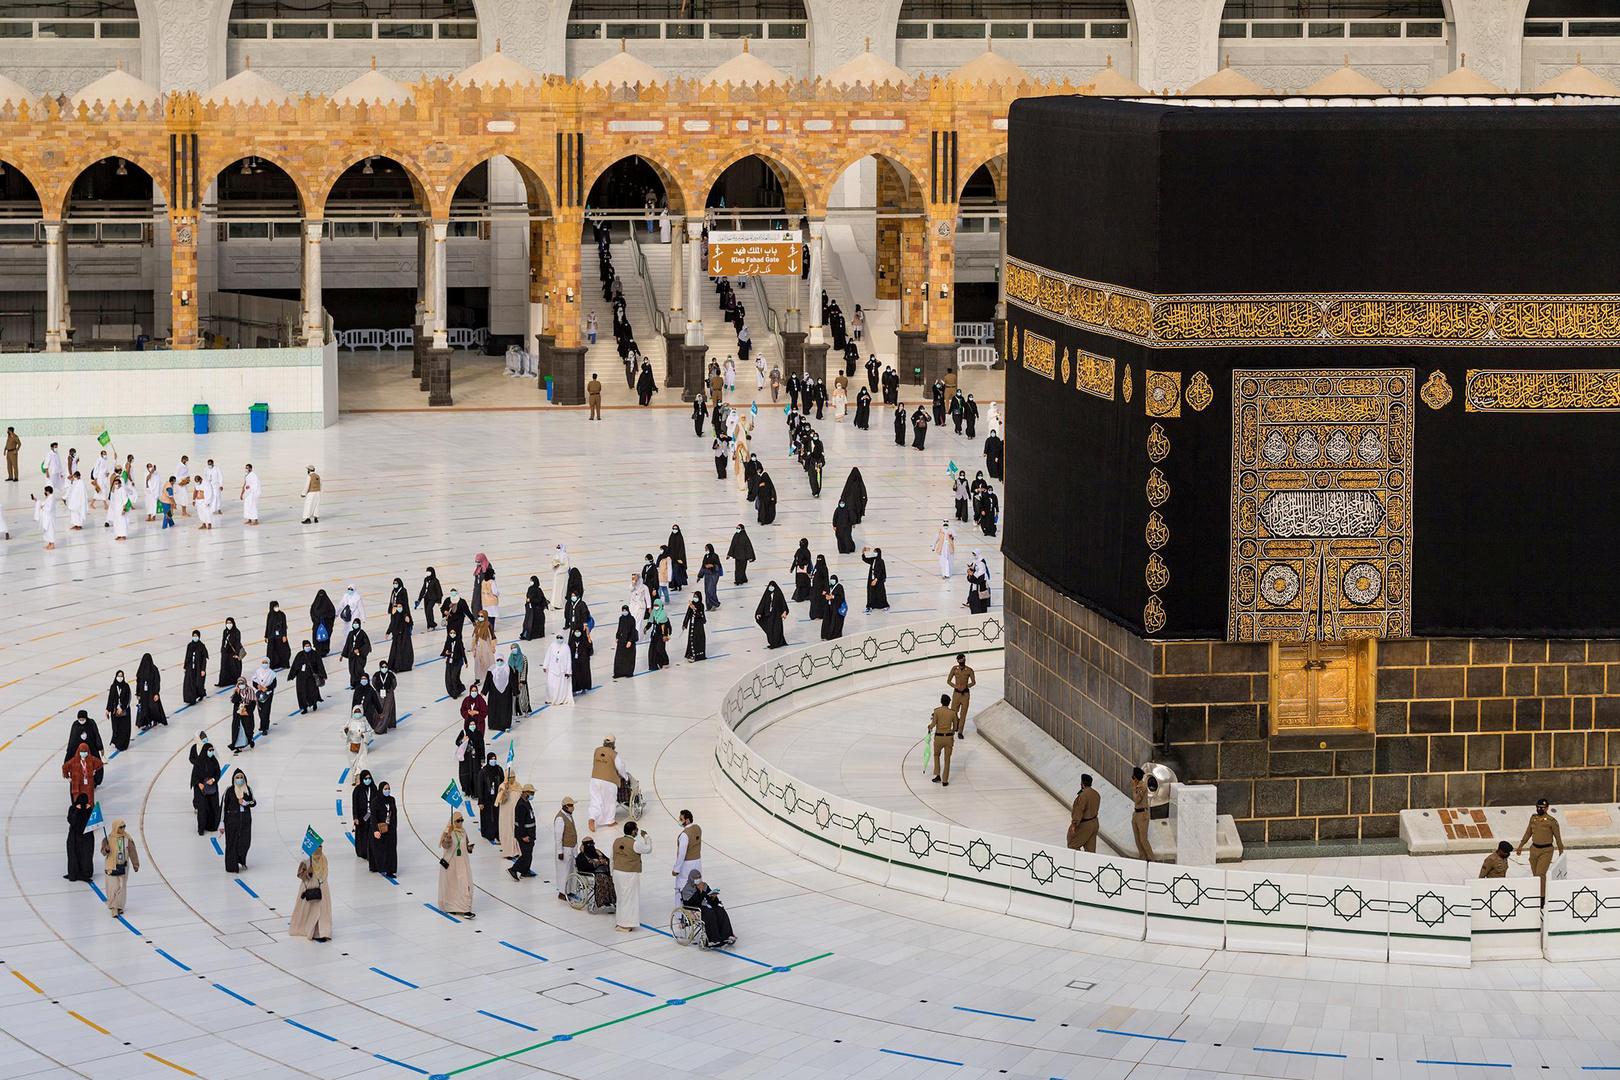 السعودية.. أمن الحج يحدد الفئة الوحيدة المسموح لها بالدخول للحرم المكي والمشاعر المقدسة